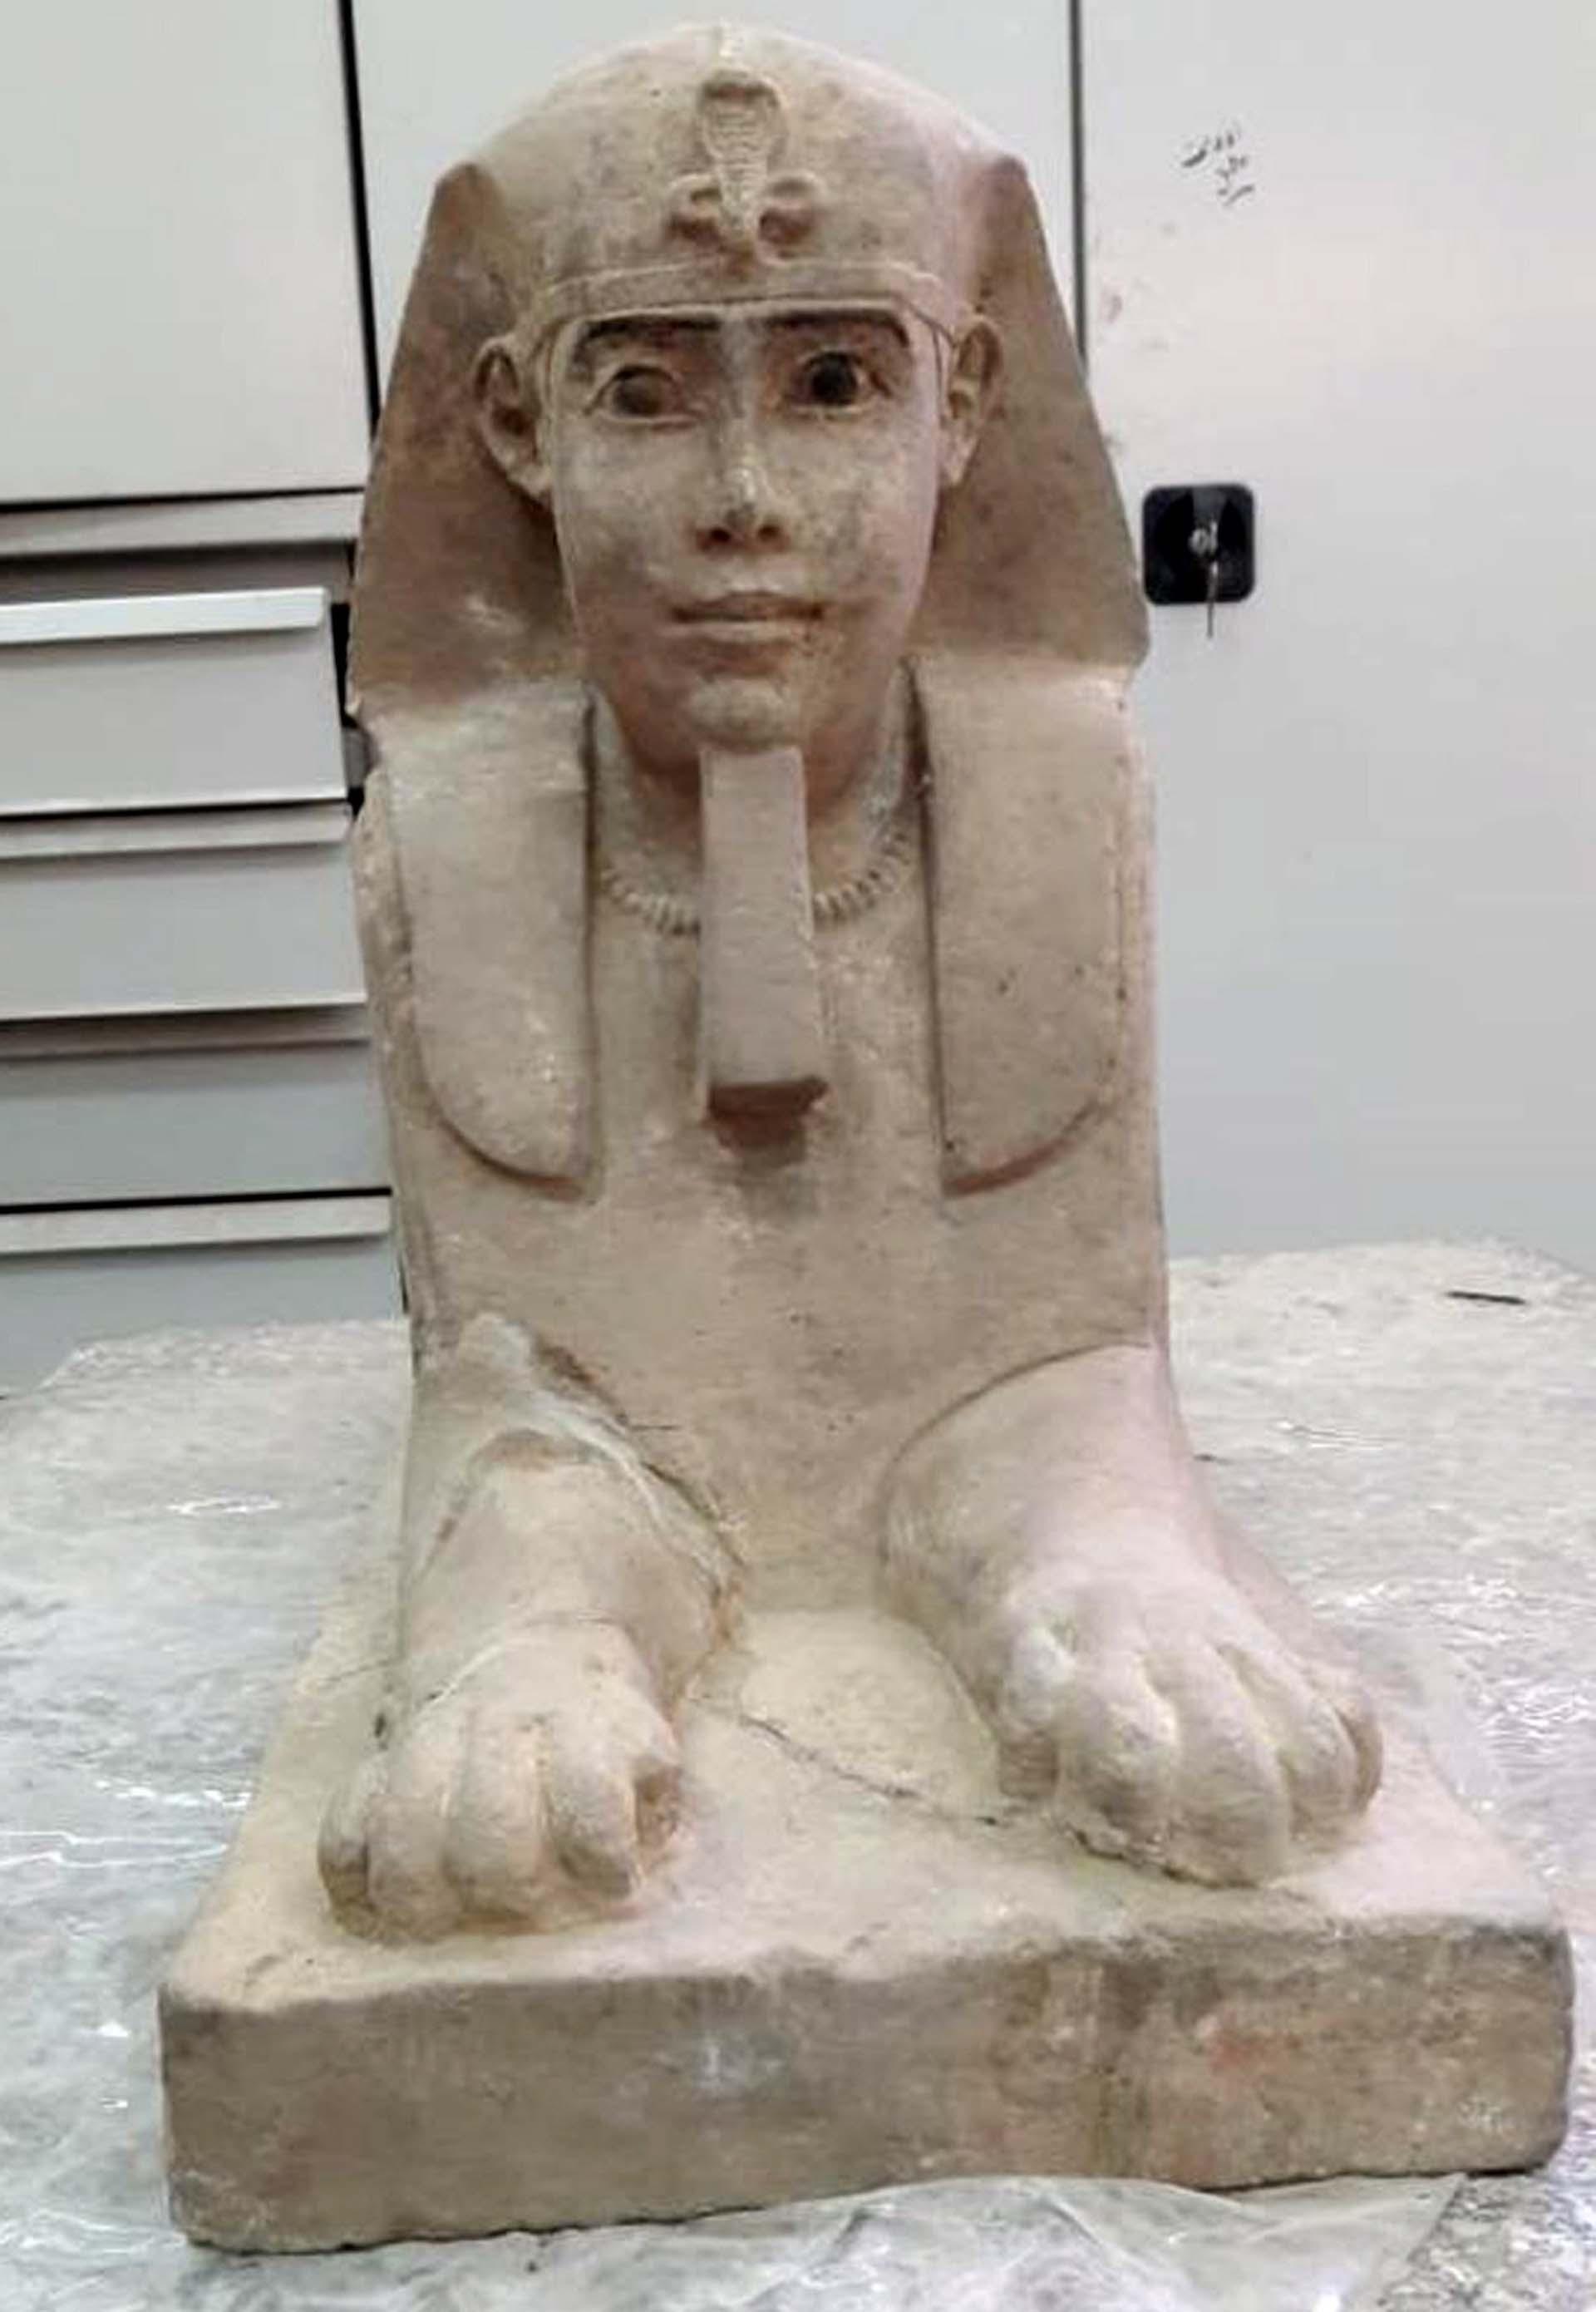 La estatua tiene el cuerpo de un león y la cabeza de un humano